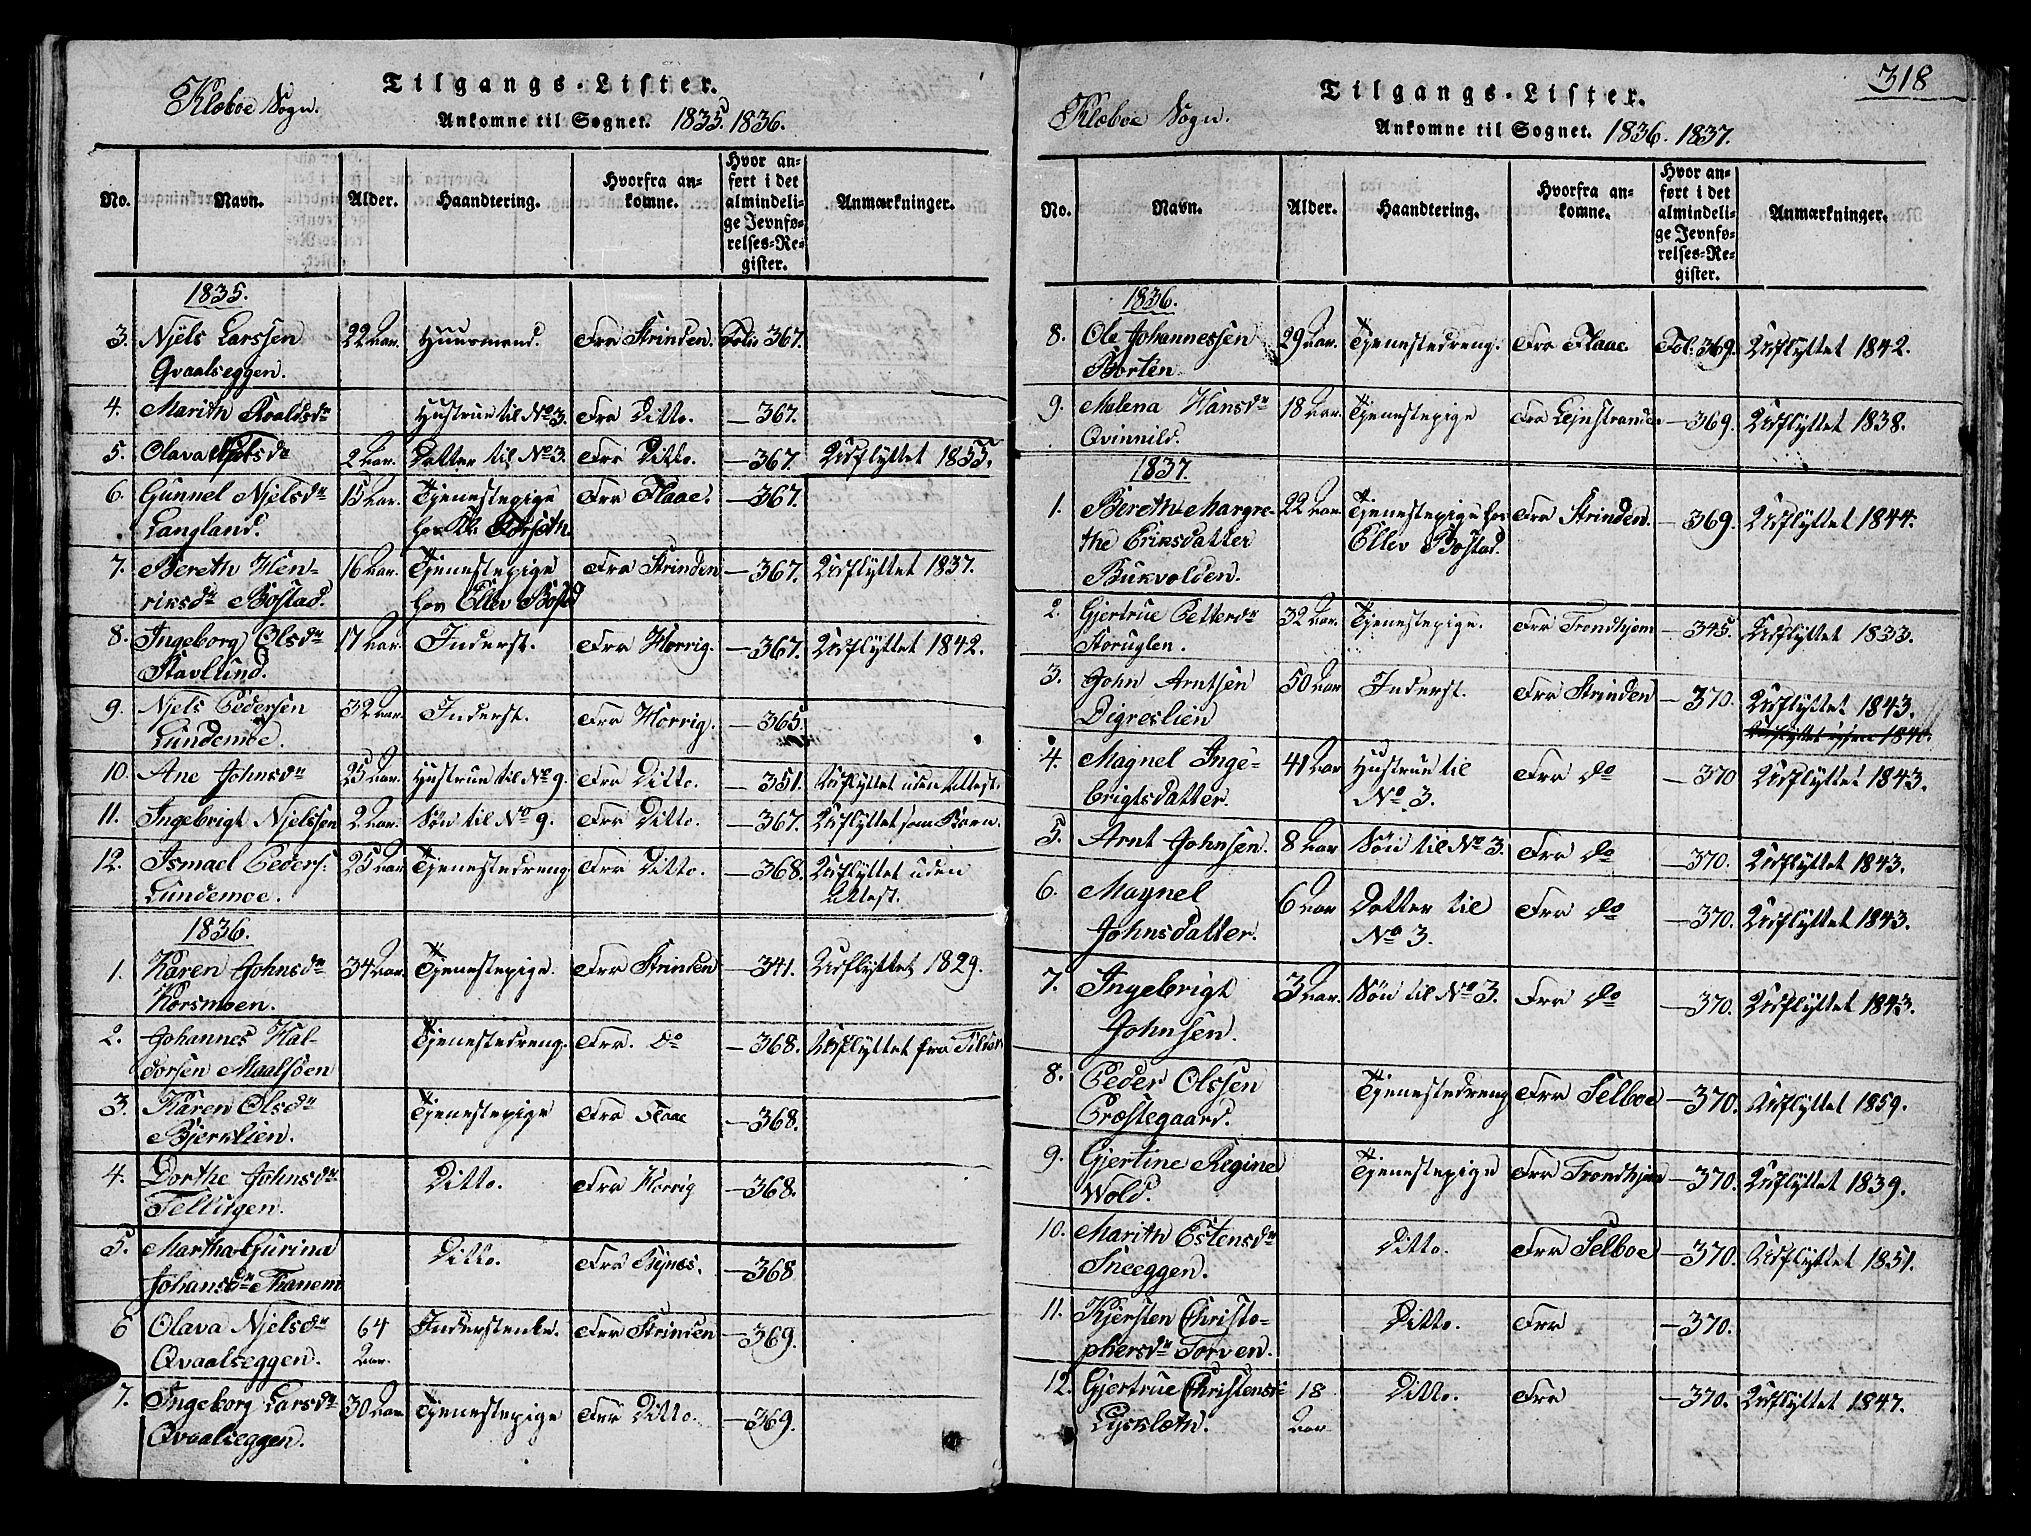 SAT, Ministerialprotokoller, klokkerbøker og fødselsregistre - Sør-Trøndelag, 618/L0450: Klokkerbok nr. 618C01, 1816-1865, s. 318